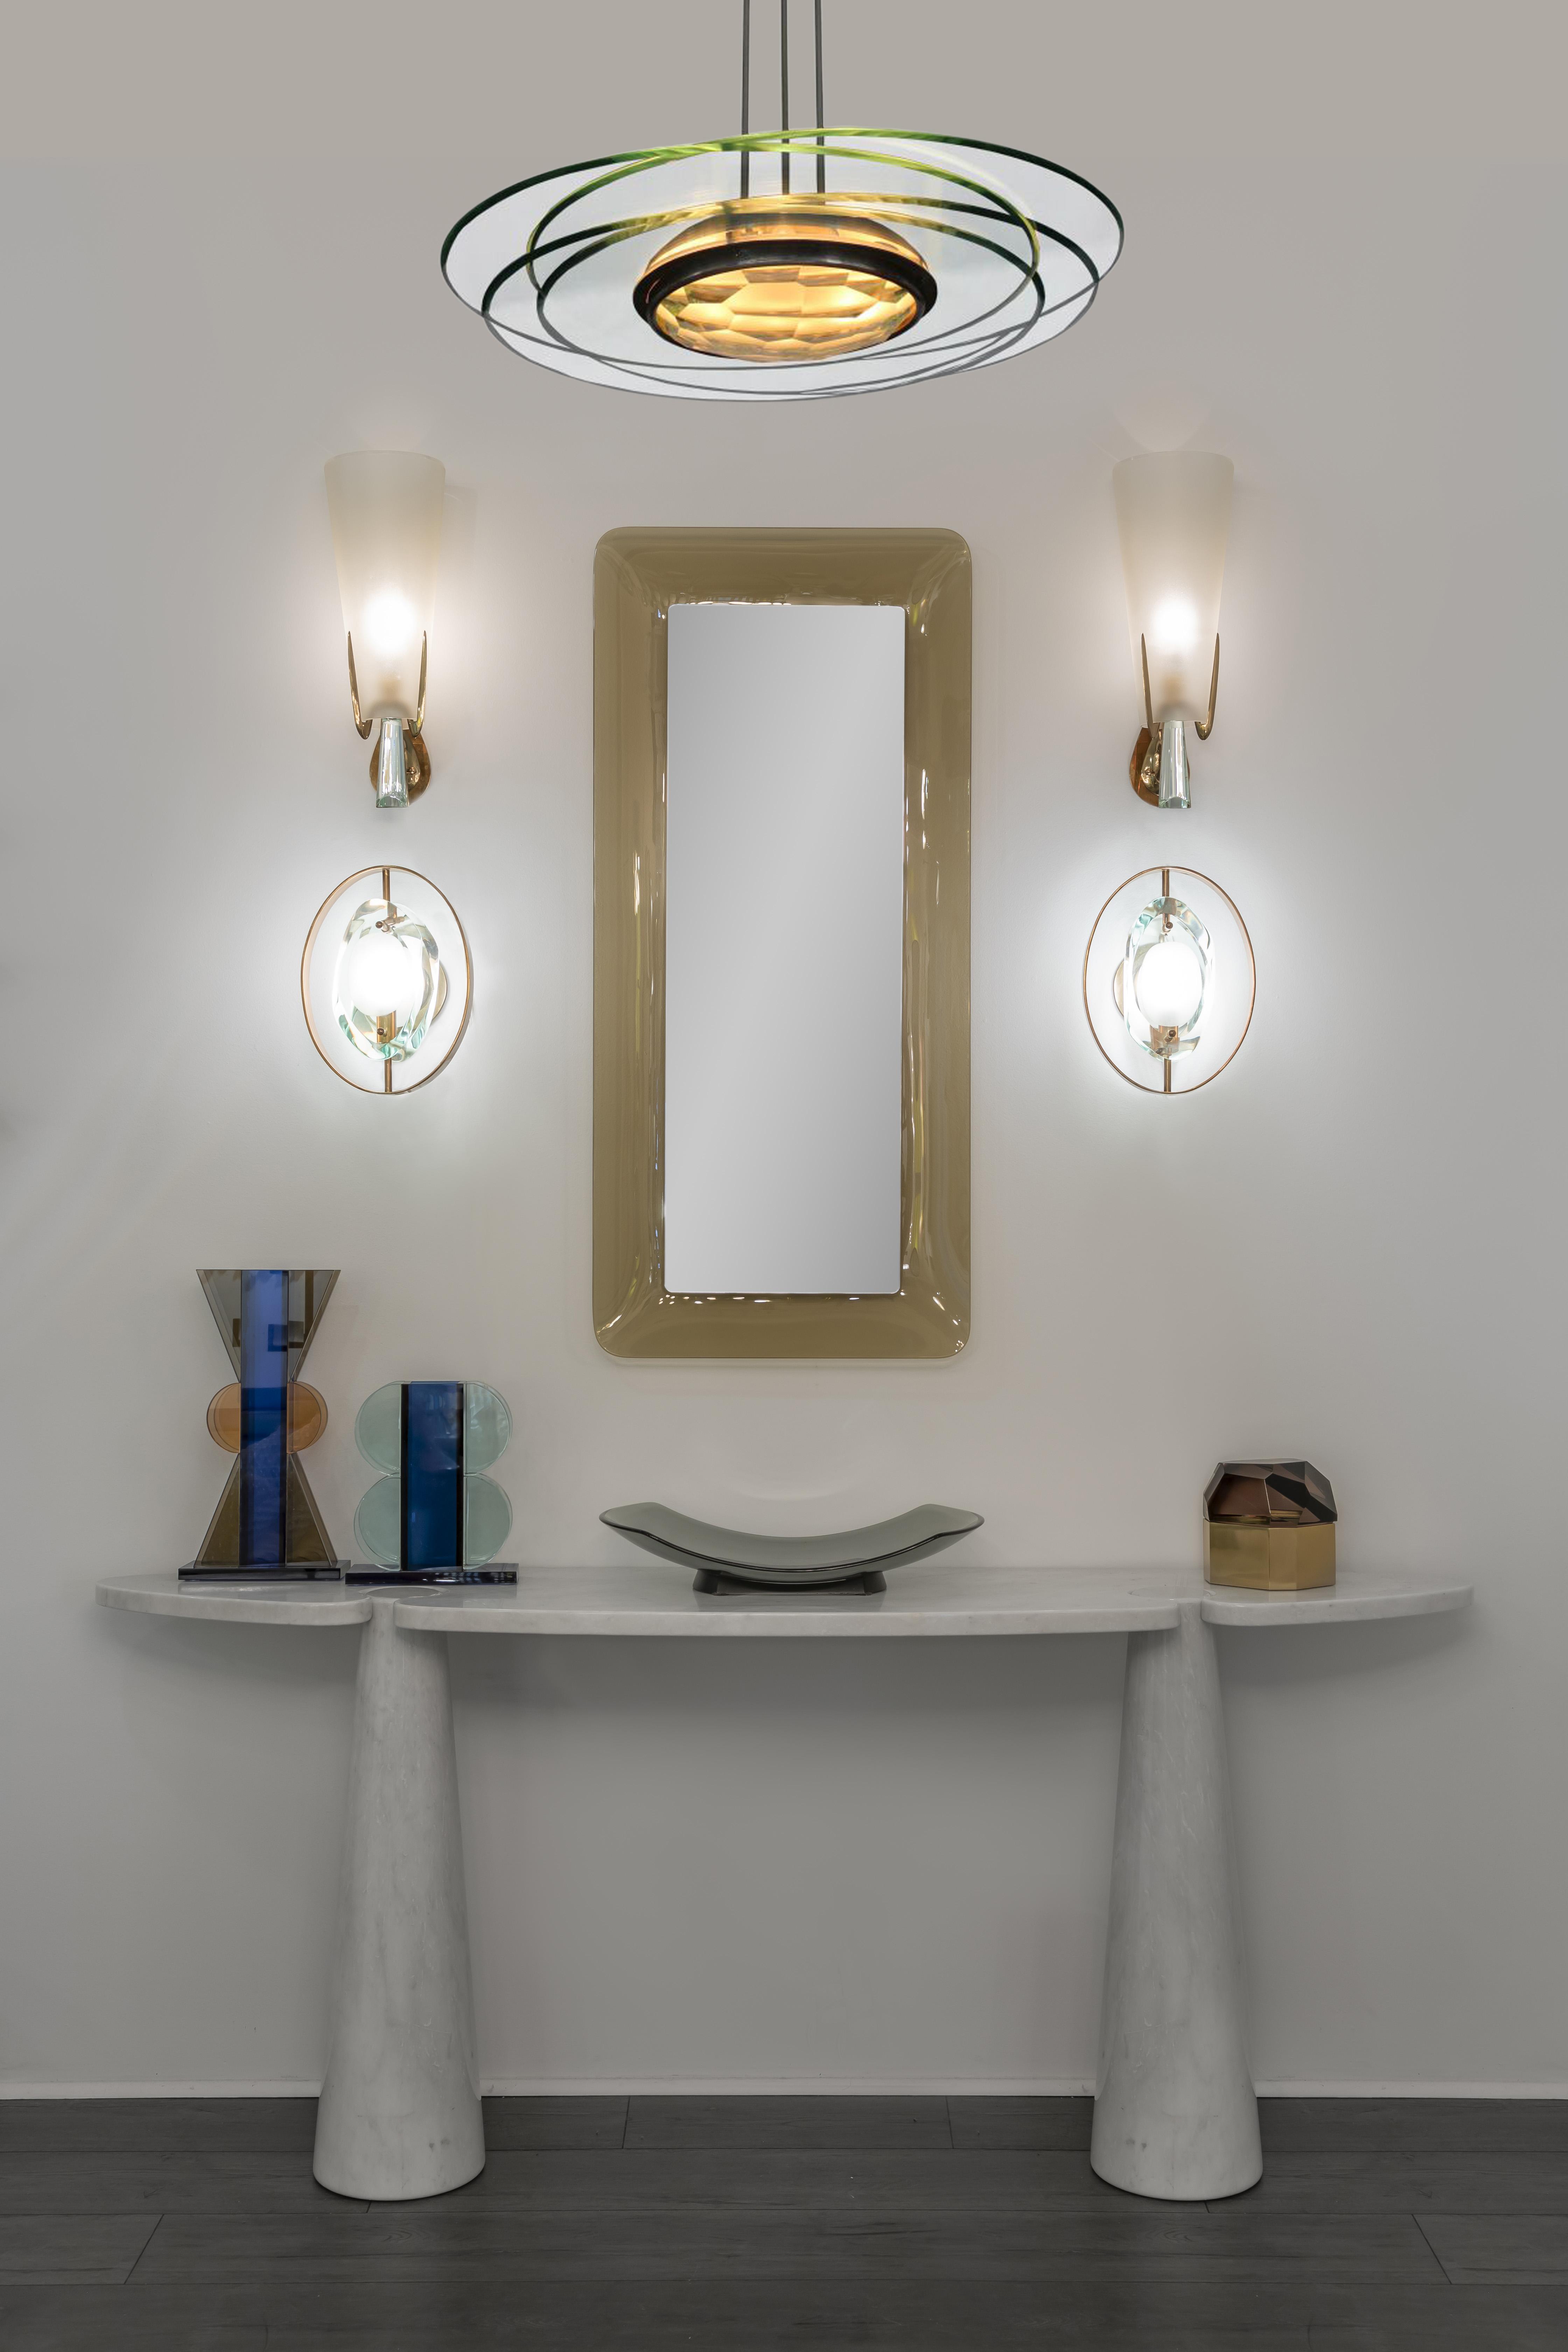 karen console mirror sconces vignette by  | soyun k.